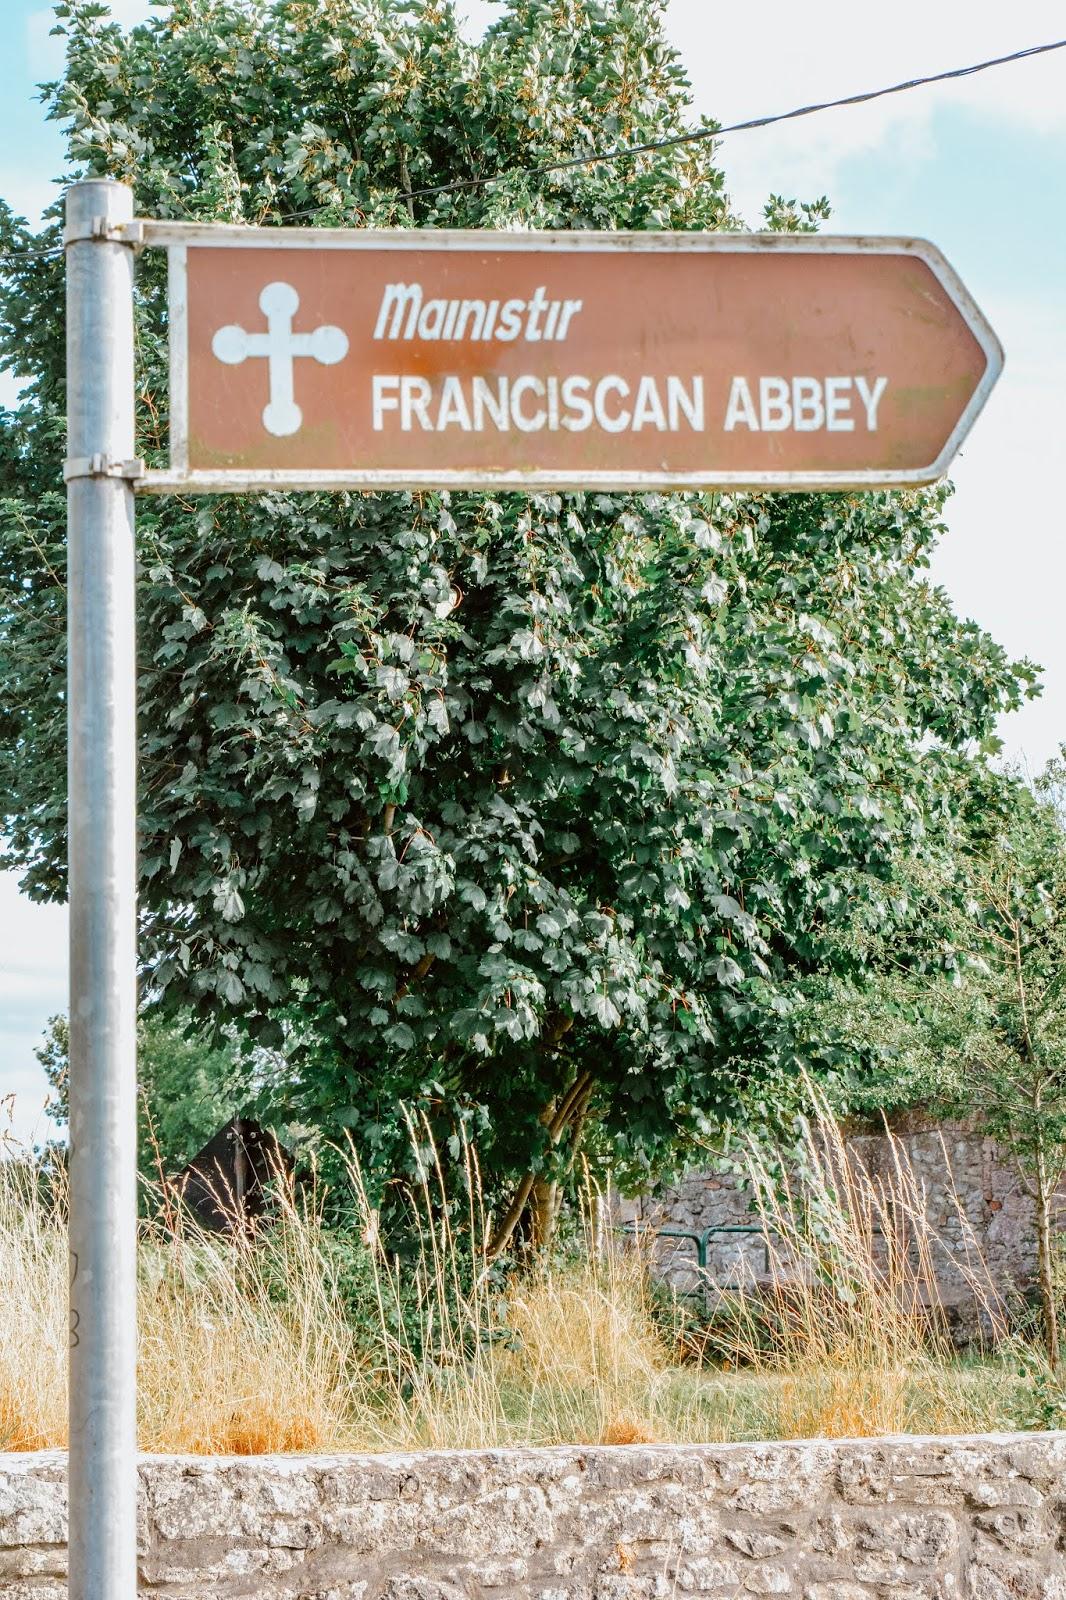 Askeaton Friary